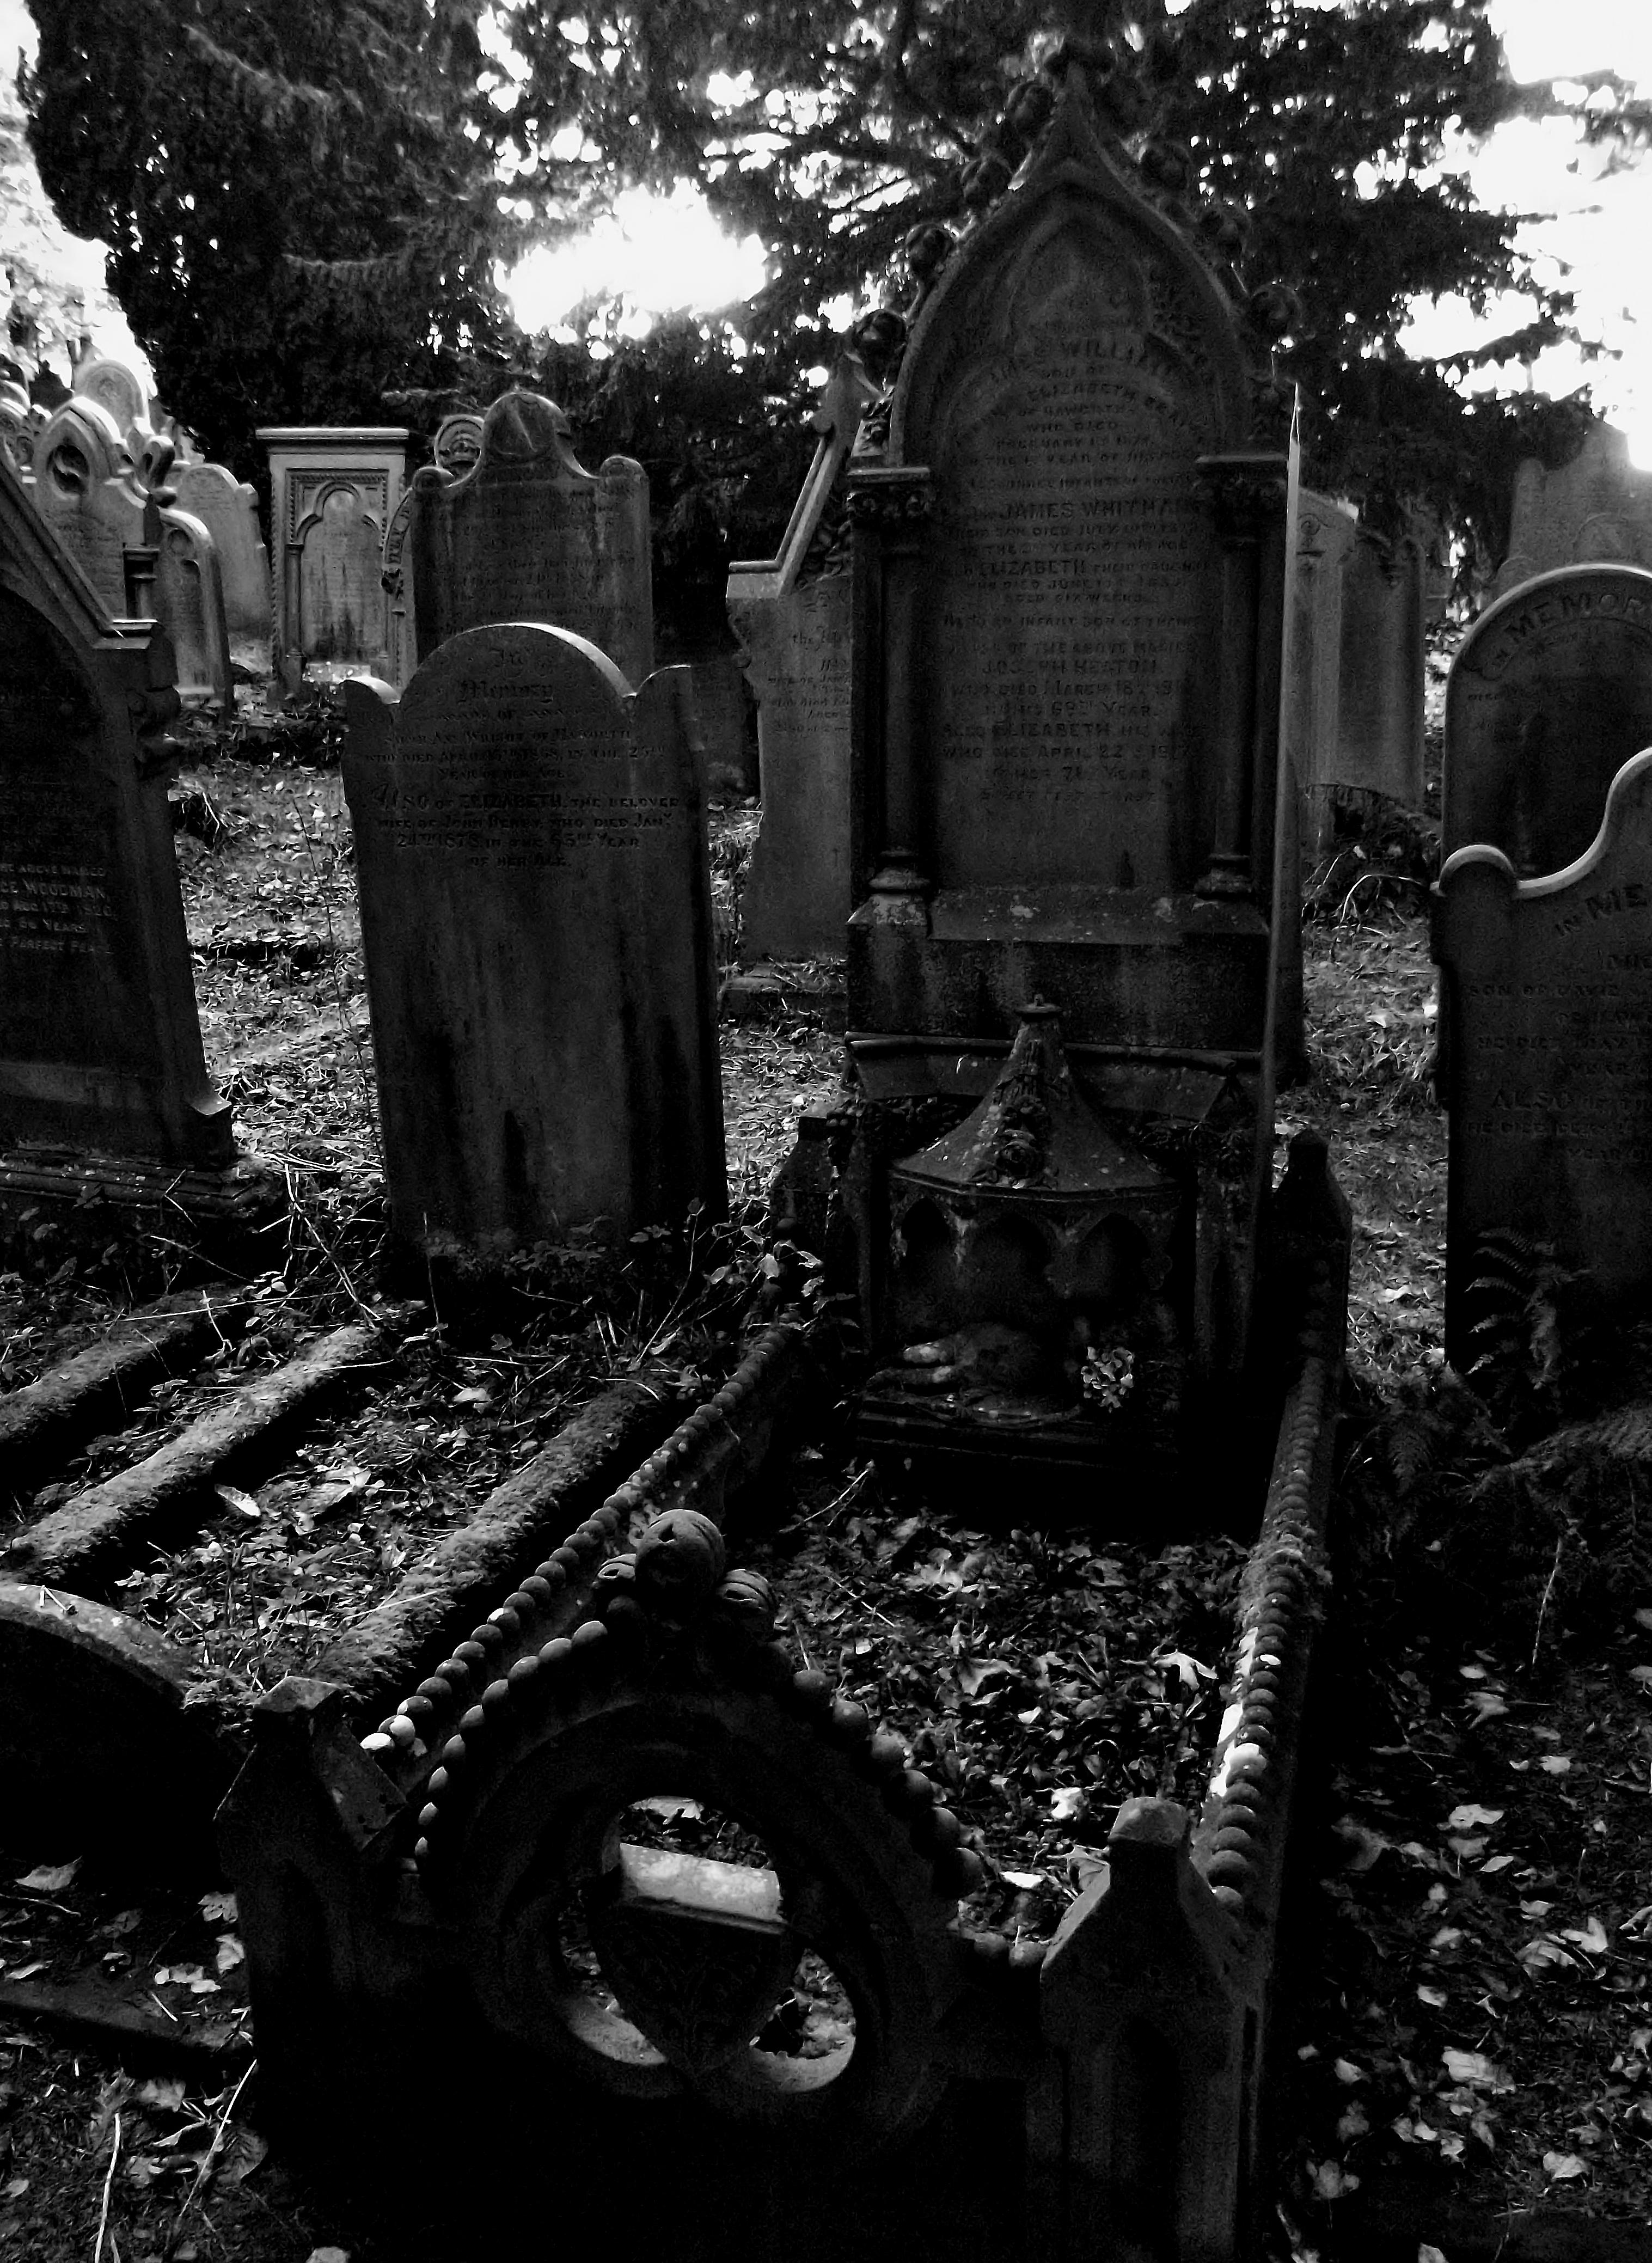 Bildergebnis für gothic horror landscape